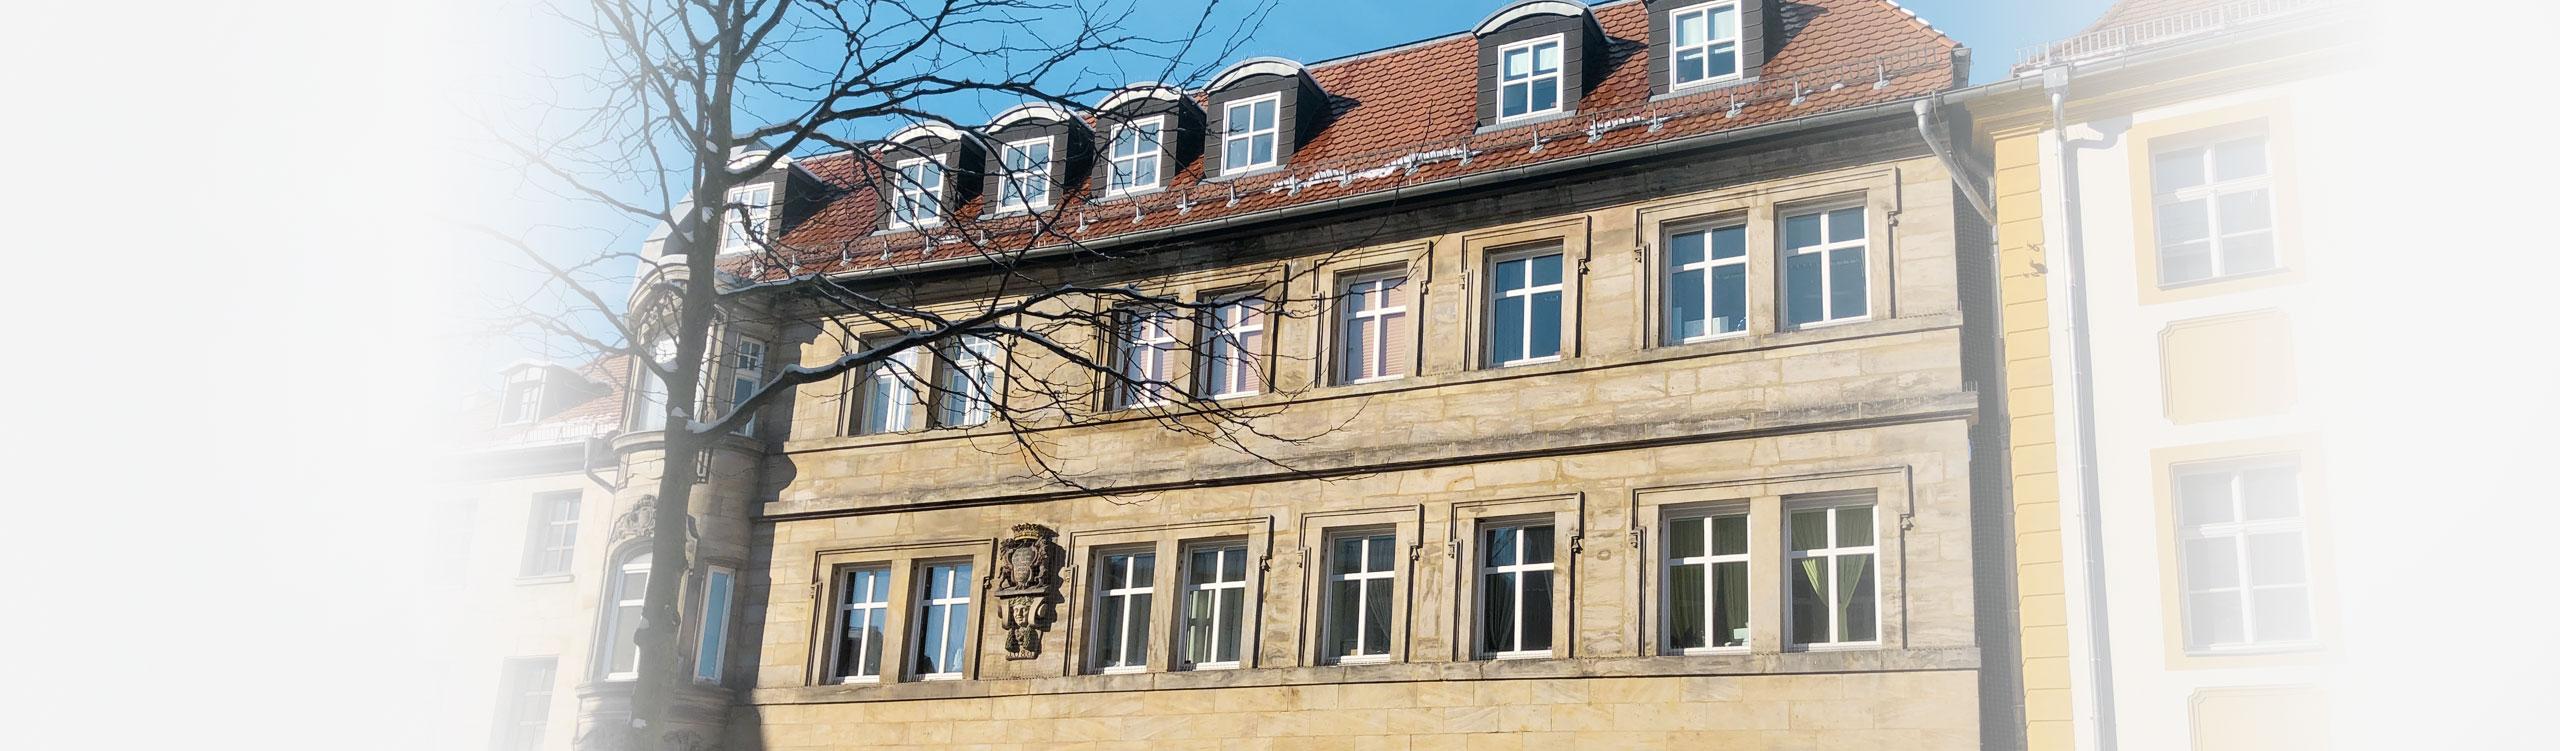 AugenCentrum Bayreuth Gebäudeaufnahme